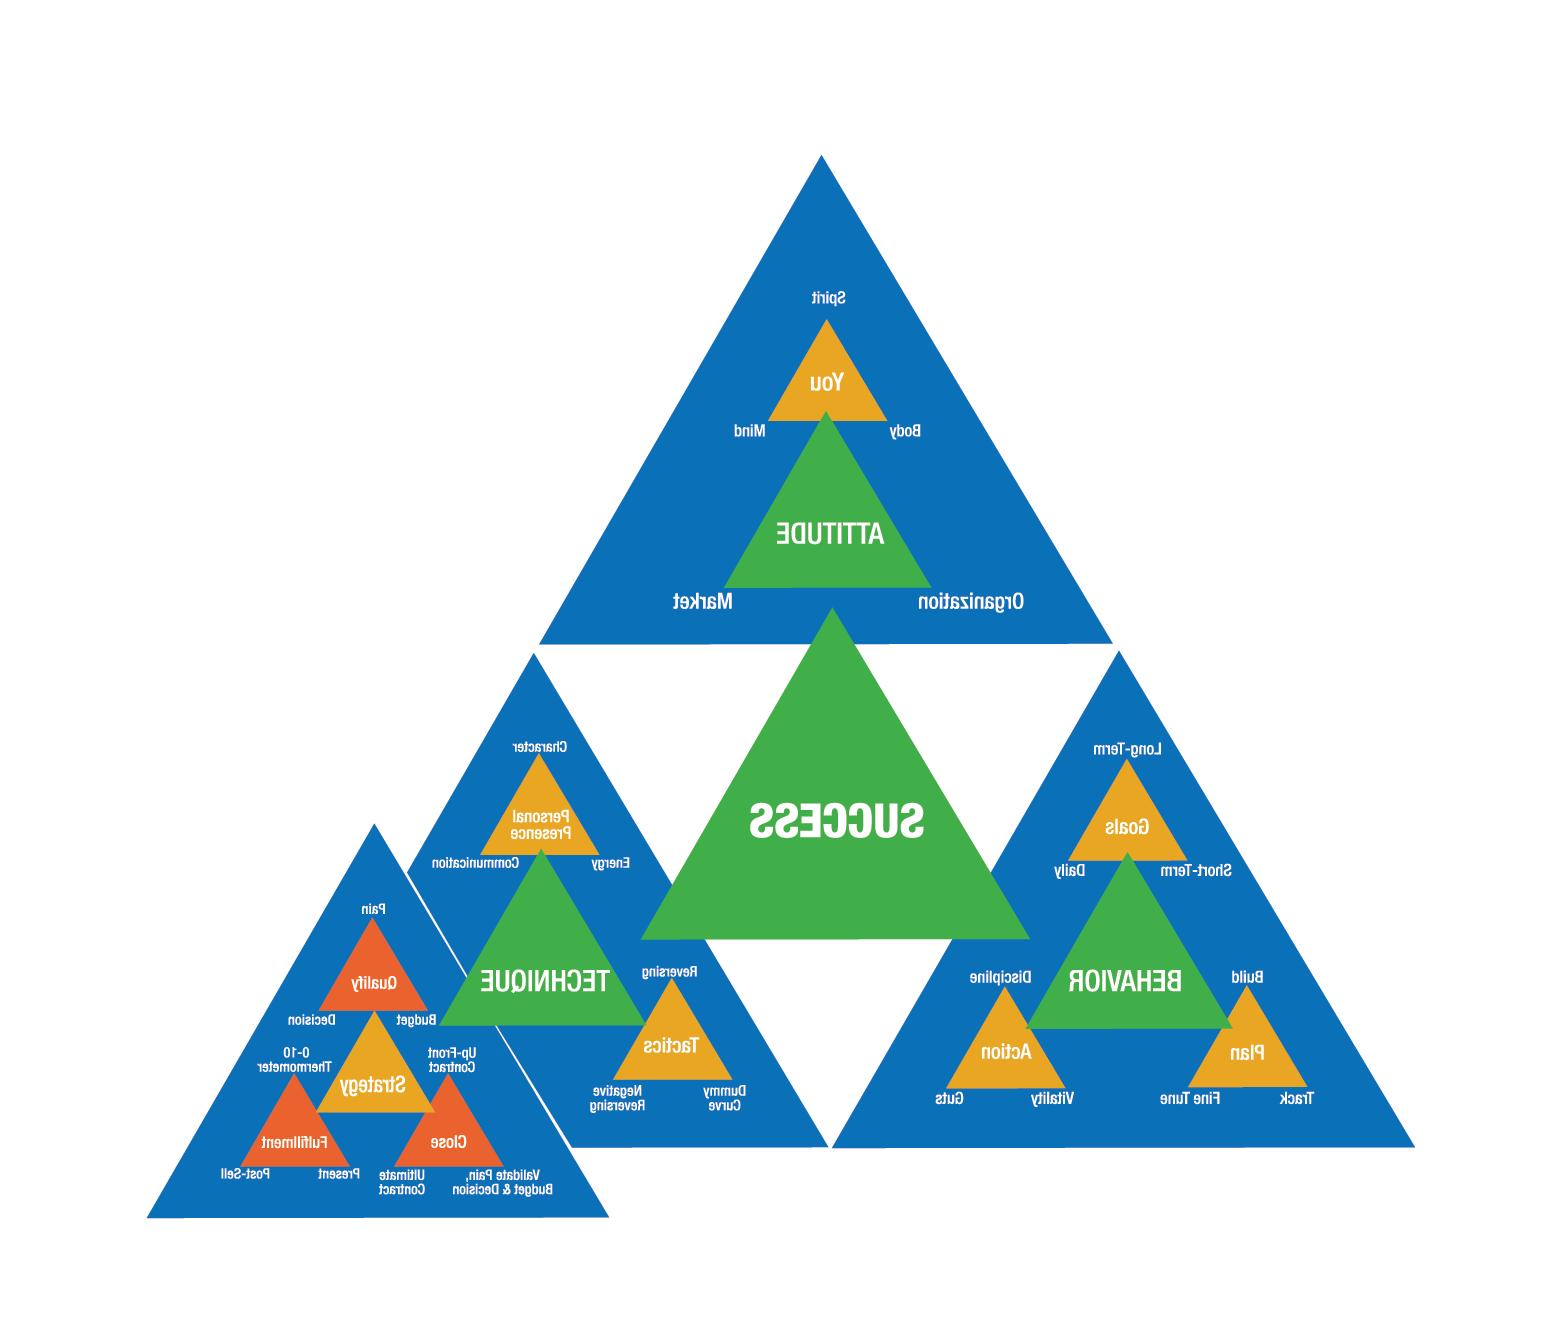 乐博网页版首页成功三角形